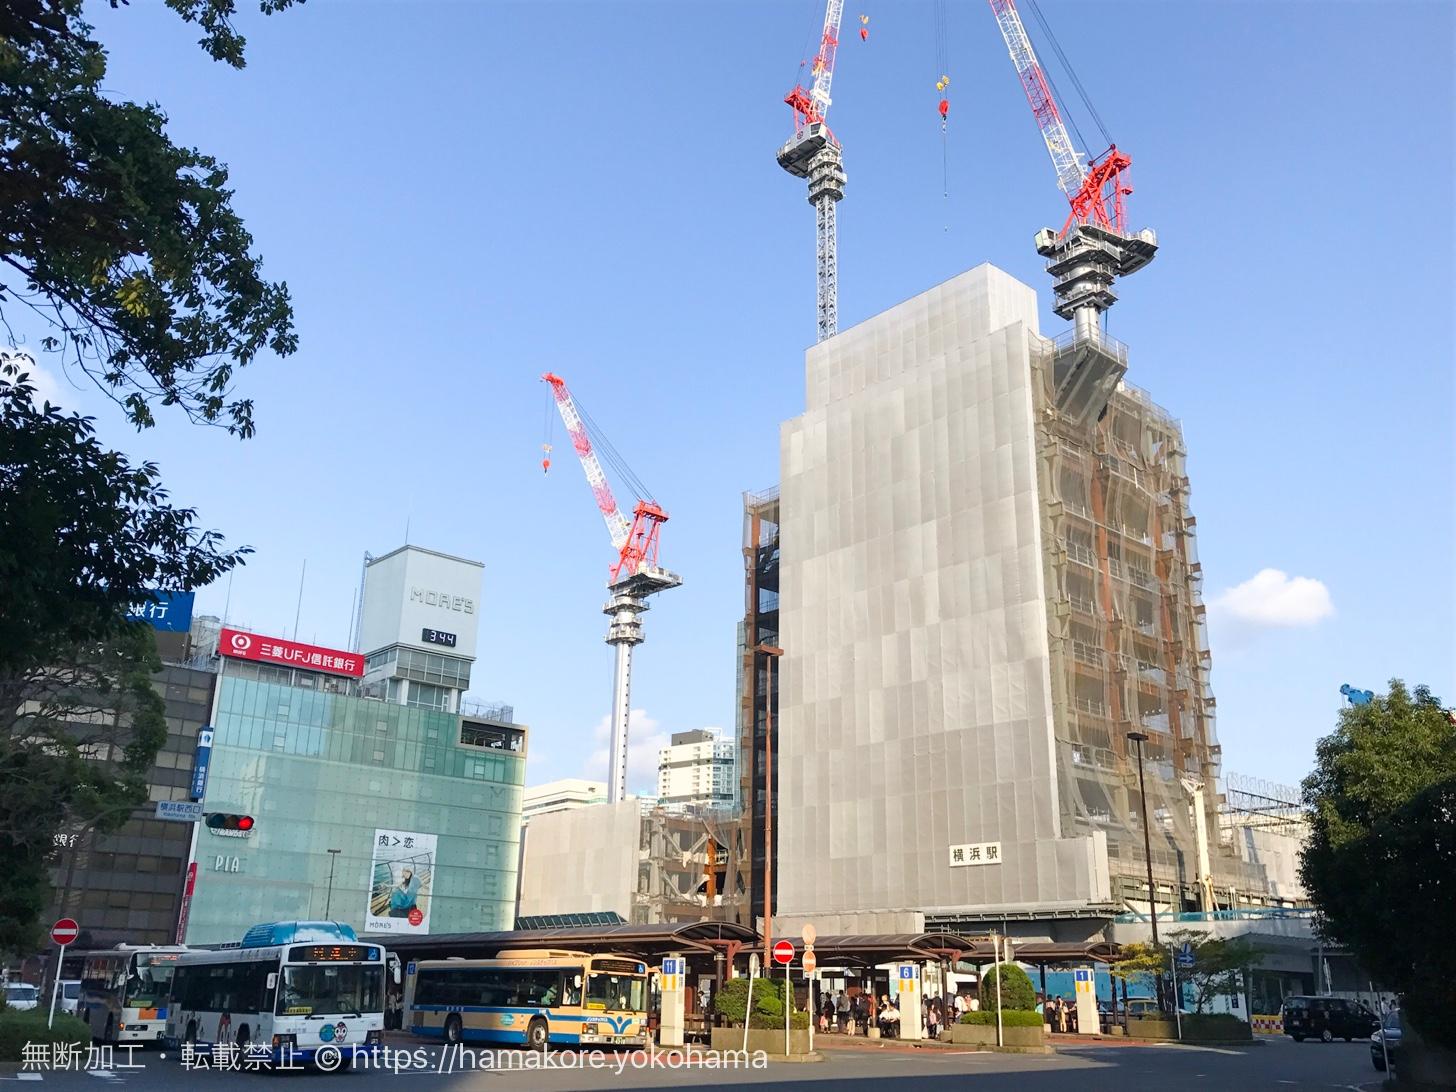 2017年9月下旬撮影 横浜駅